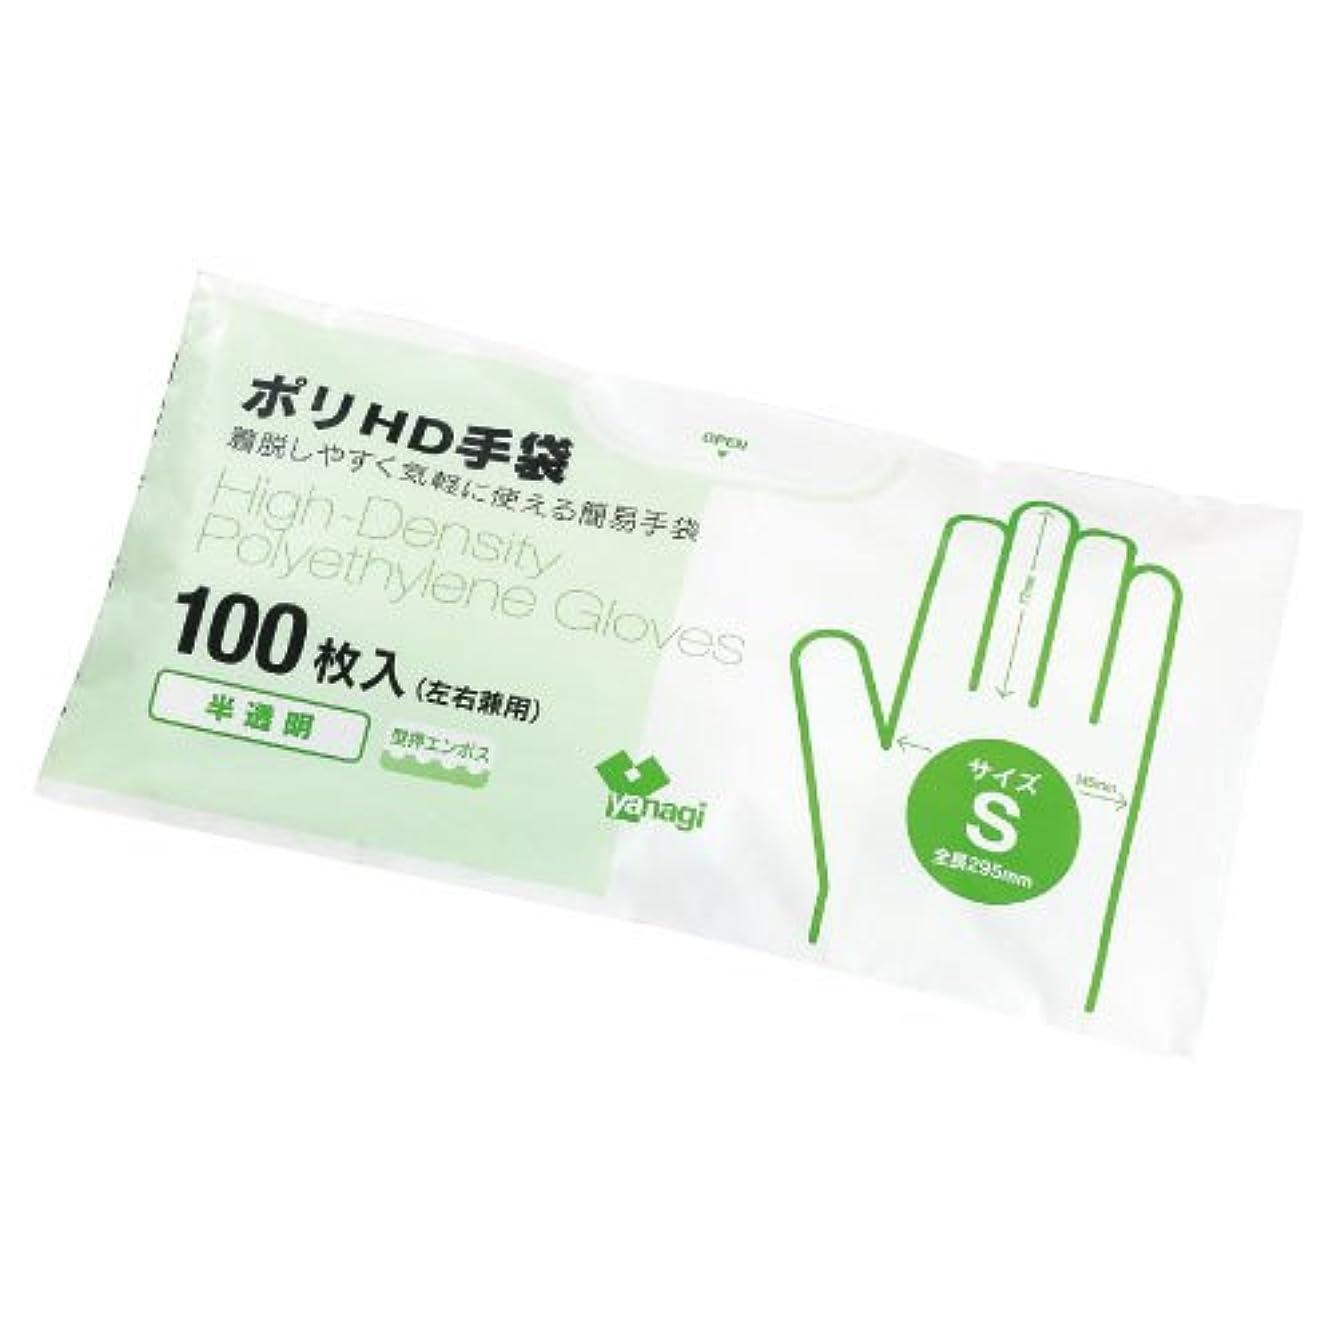 想像するカフェテリアフリンジポリHD手袋(半透明)型押エンボス TB-203(M)100???? ???HD???????????????(24-2575-01)【やなぎプロダクツ】[120袋単位]